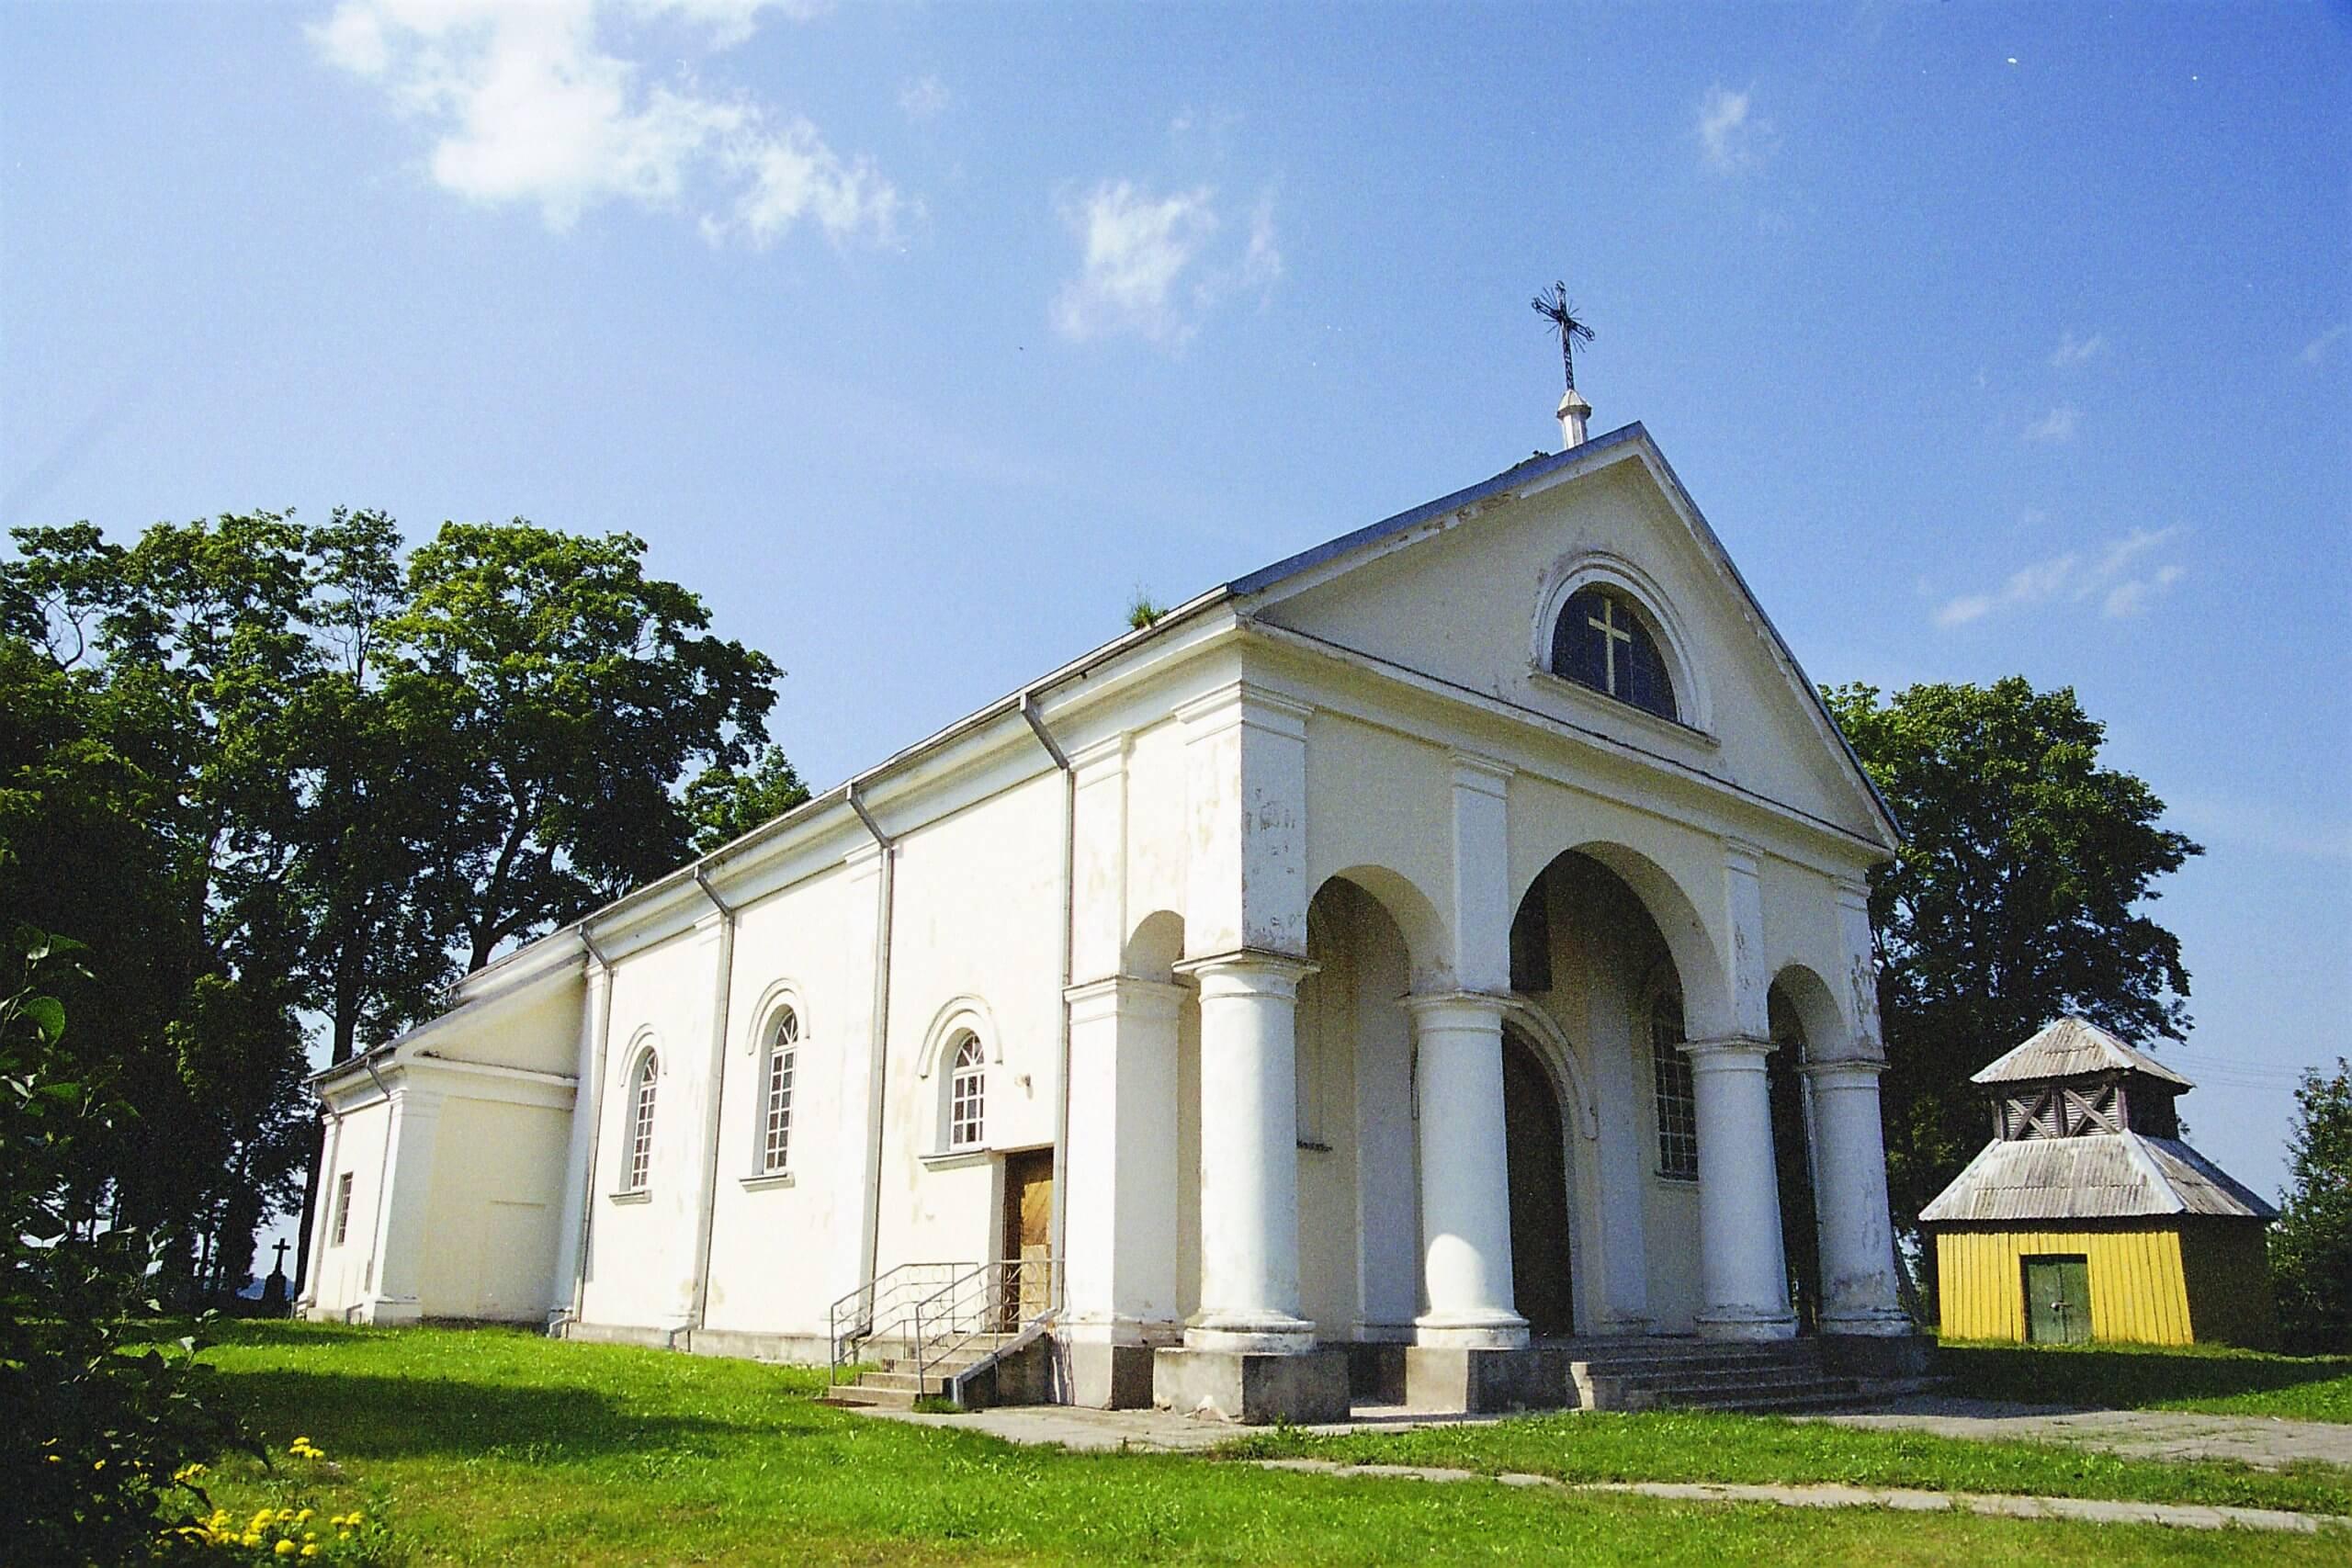 Šlapaberžės Nukryžiuotojo Jėzaus bažnyčia (Kėdainių rajonas)